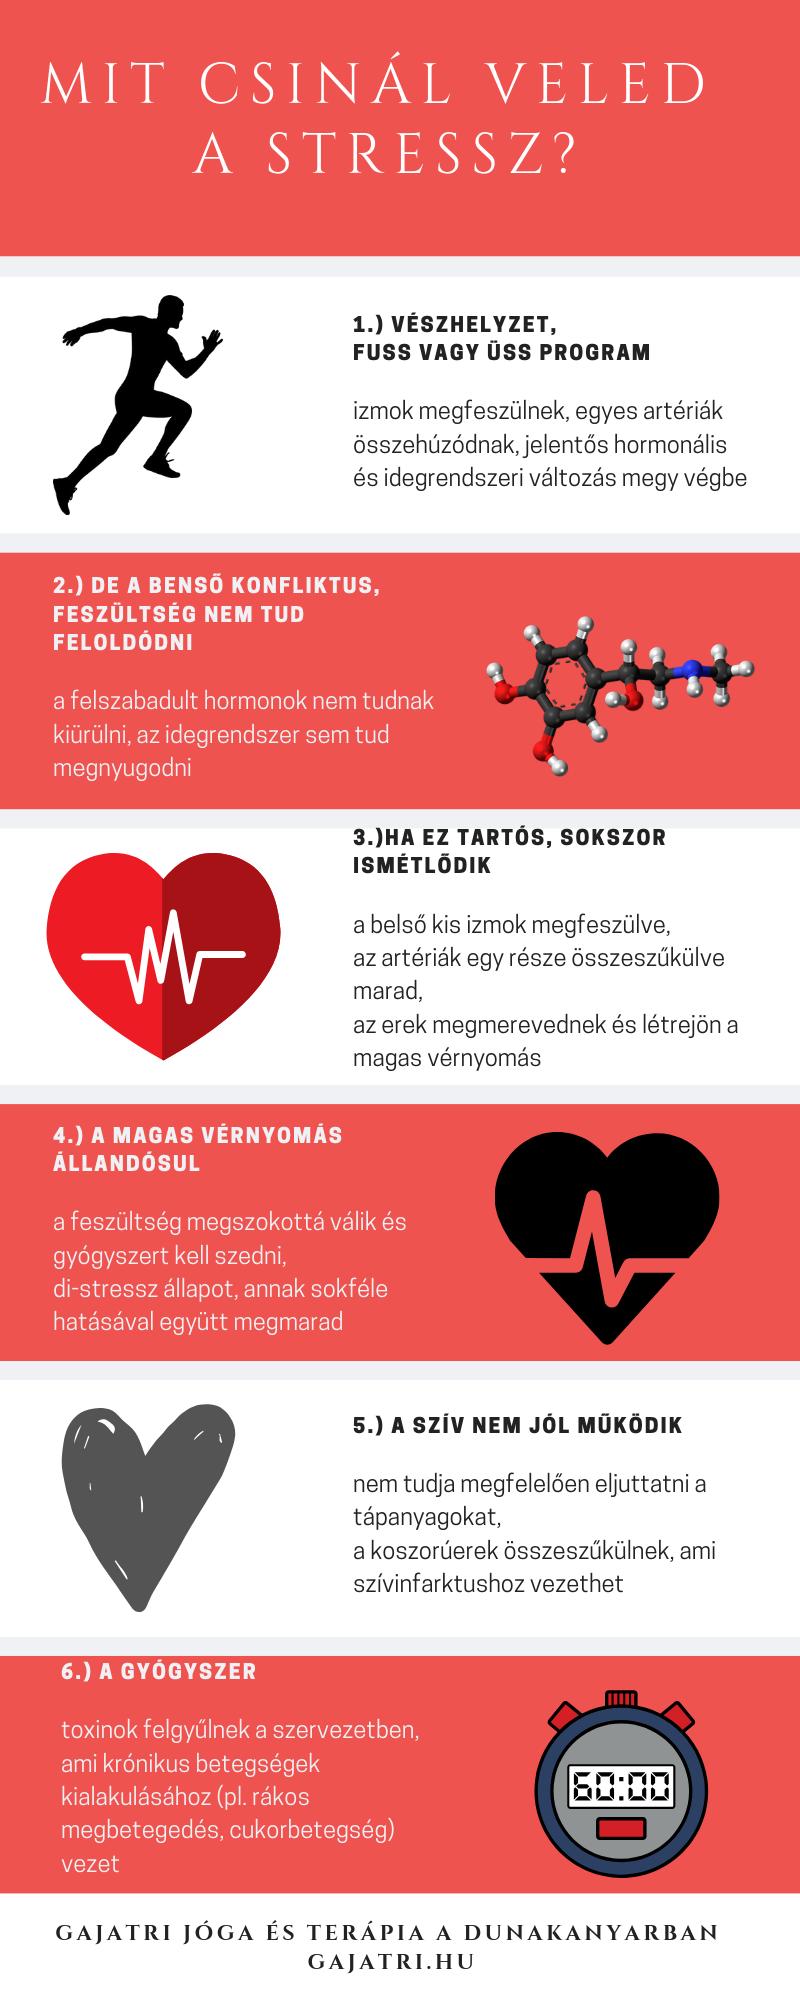 magas vérnyomás és a szeretet fejfájás elleni gyógyszer magas vérnyomás ellen